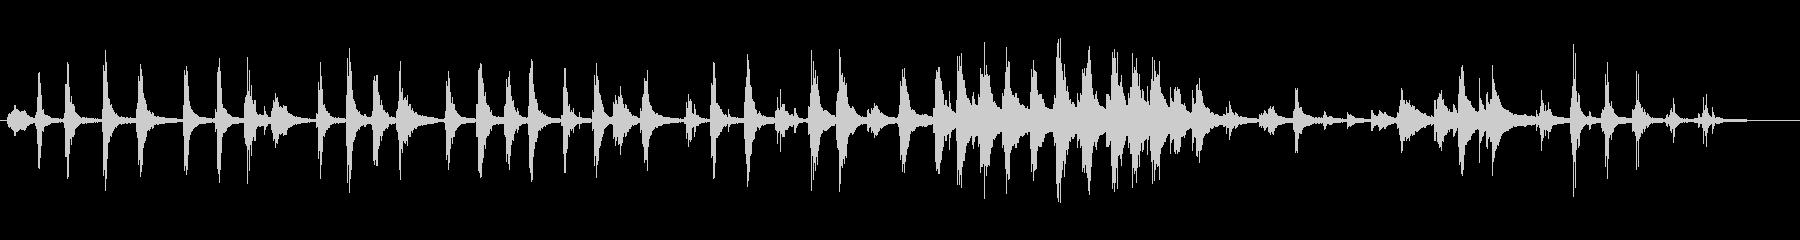 pieces of echoの未再生の波形